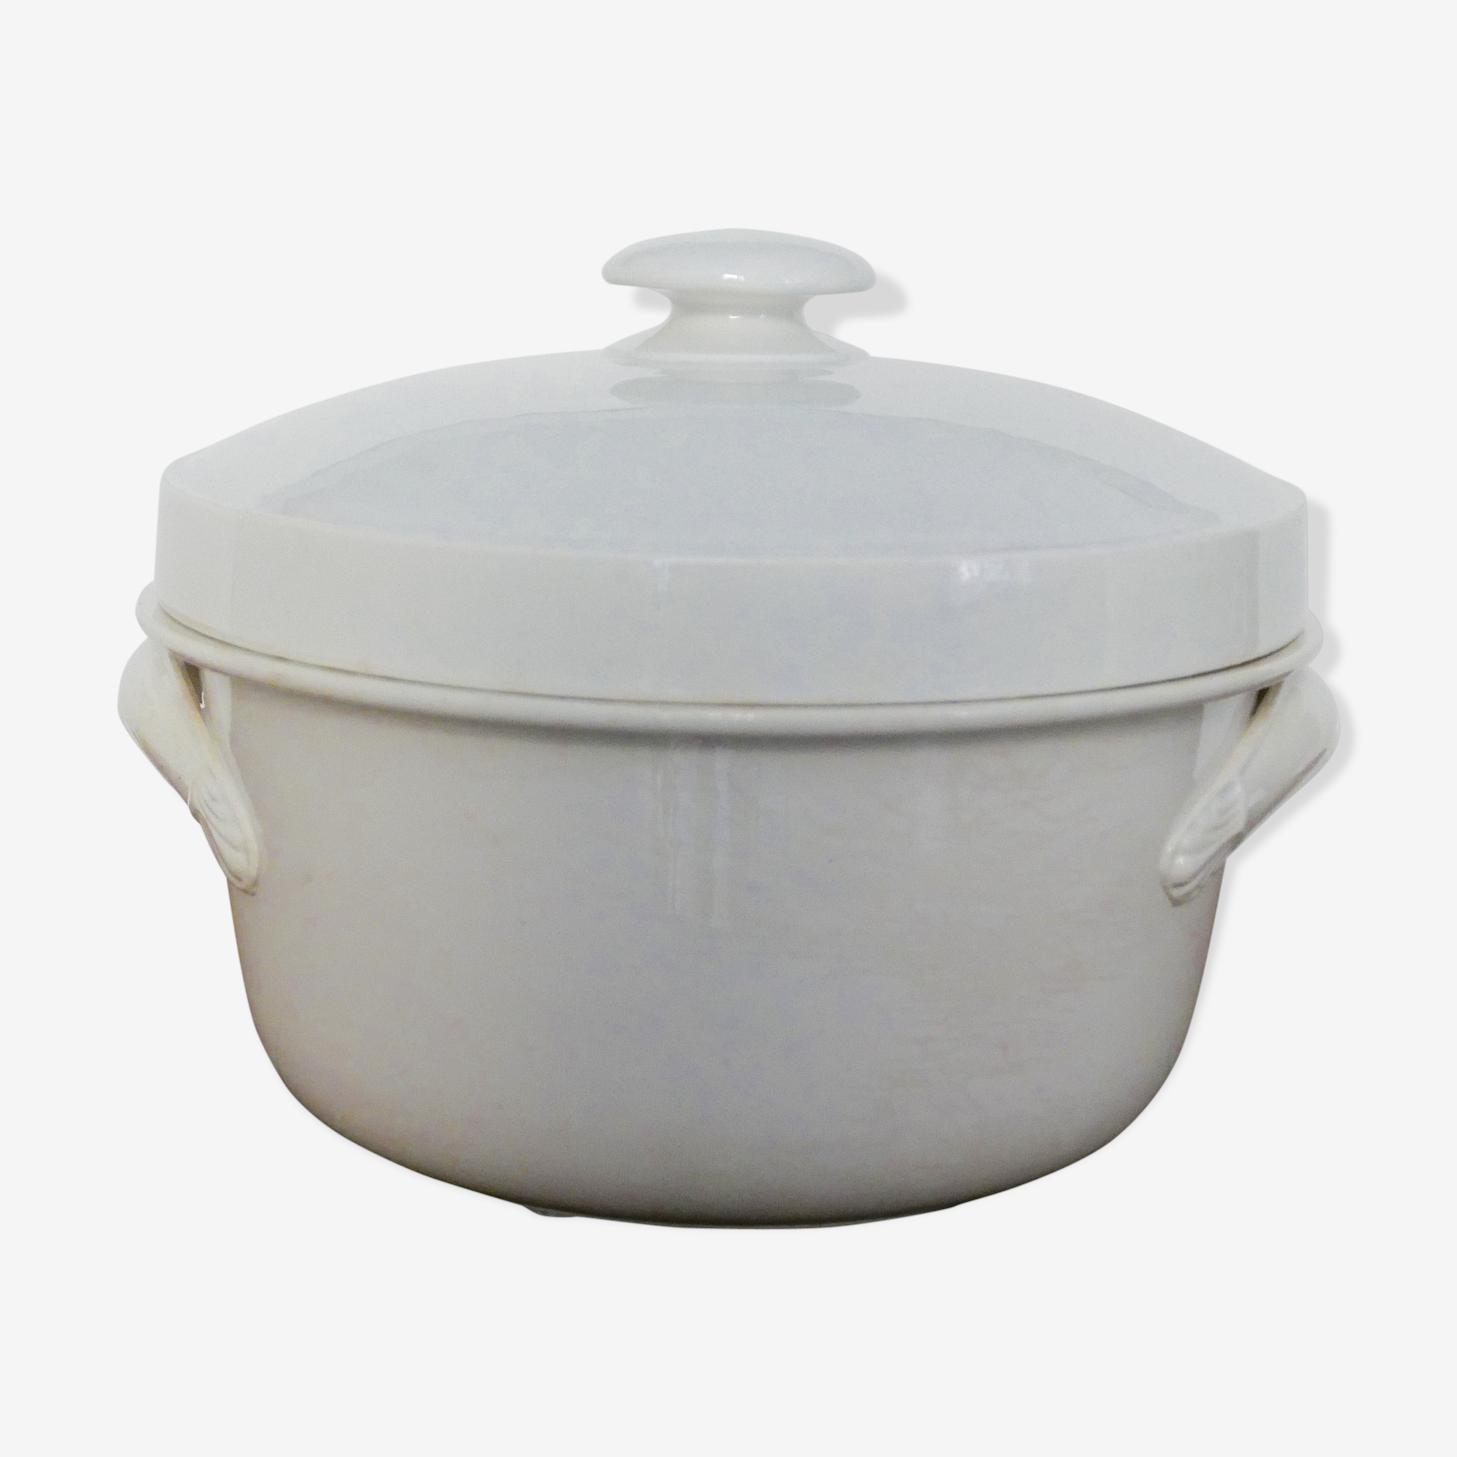 Soupière ancienne en céramique blanche